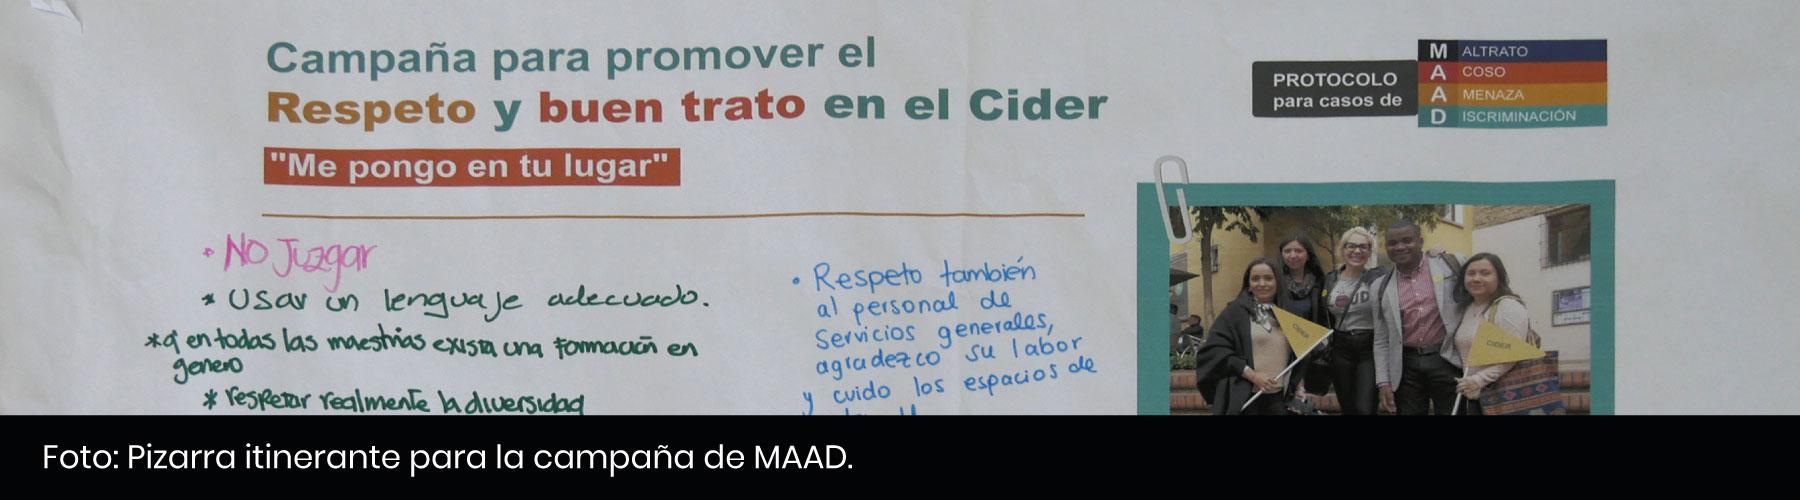 Pizarra-Campaña MAAD - Cider   Uniandes